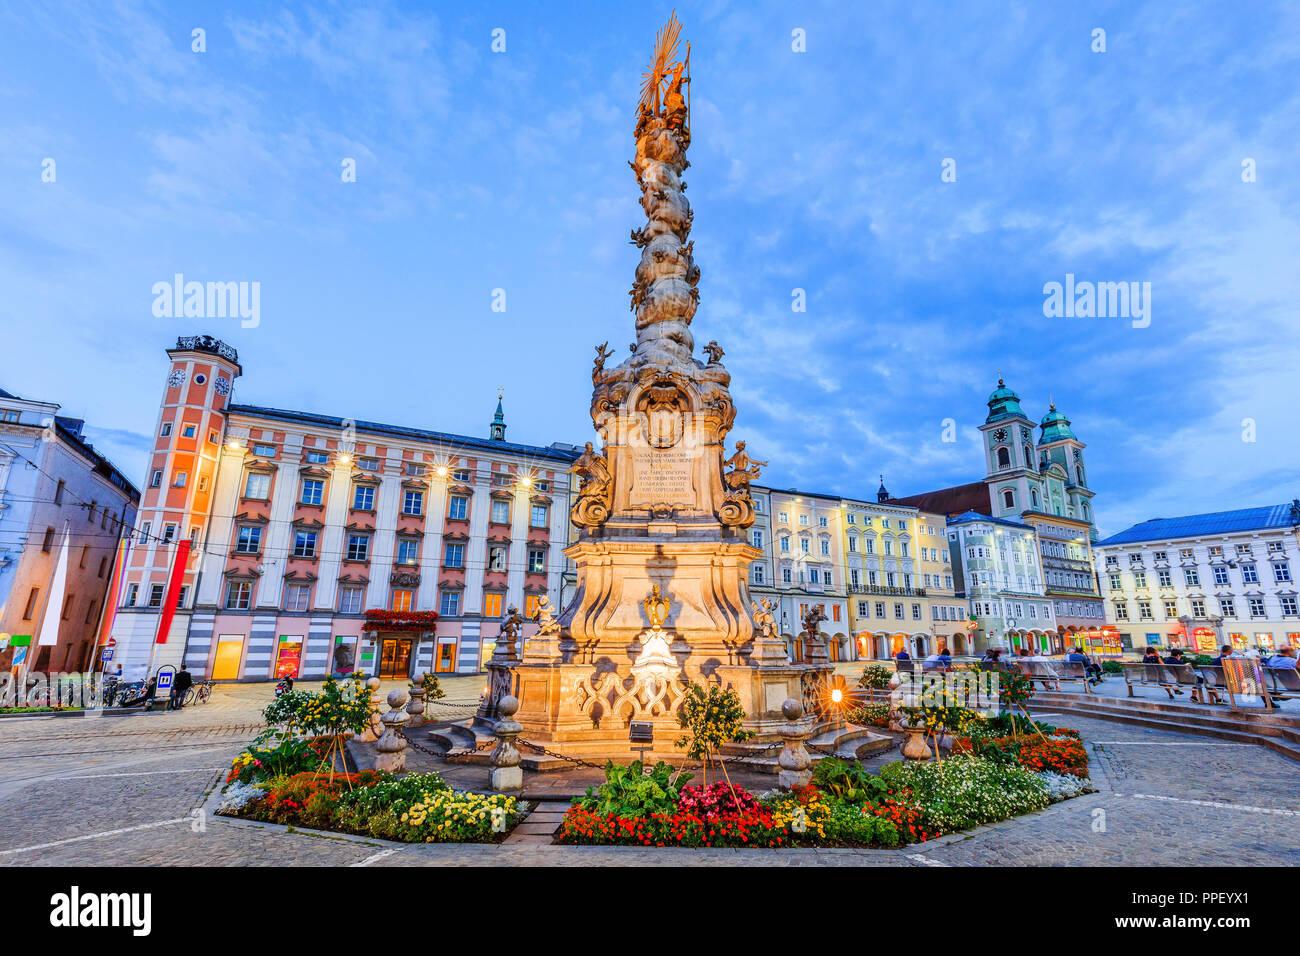 Linz, Österreich. Dreifaltigkeitssäule auf dem Hauptplatz (Hauptplatz). Stockbild